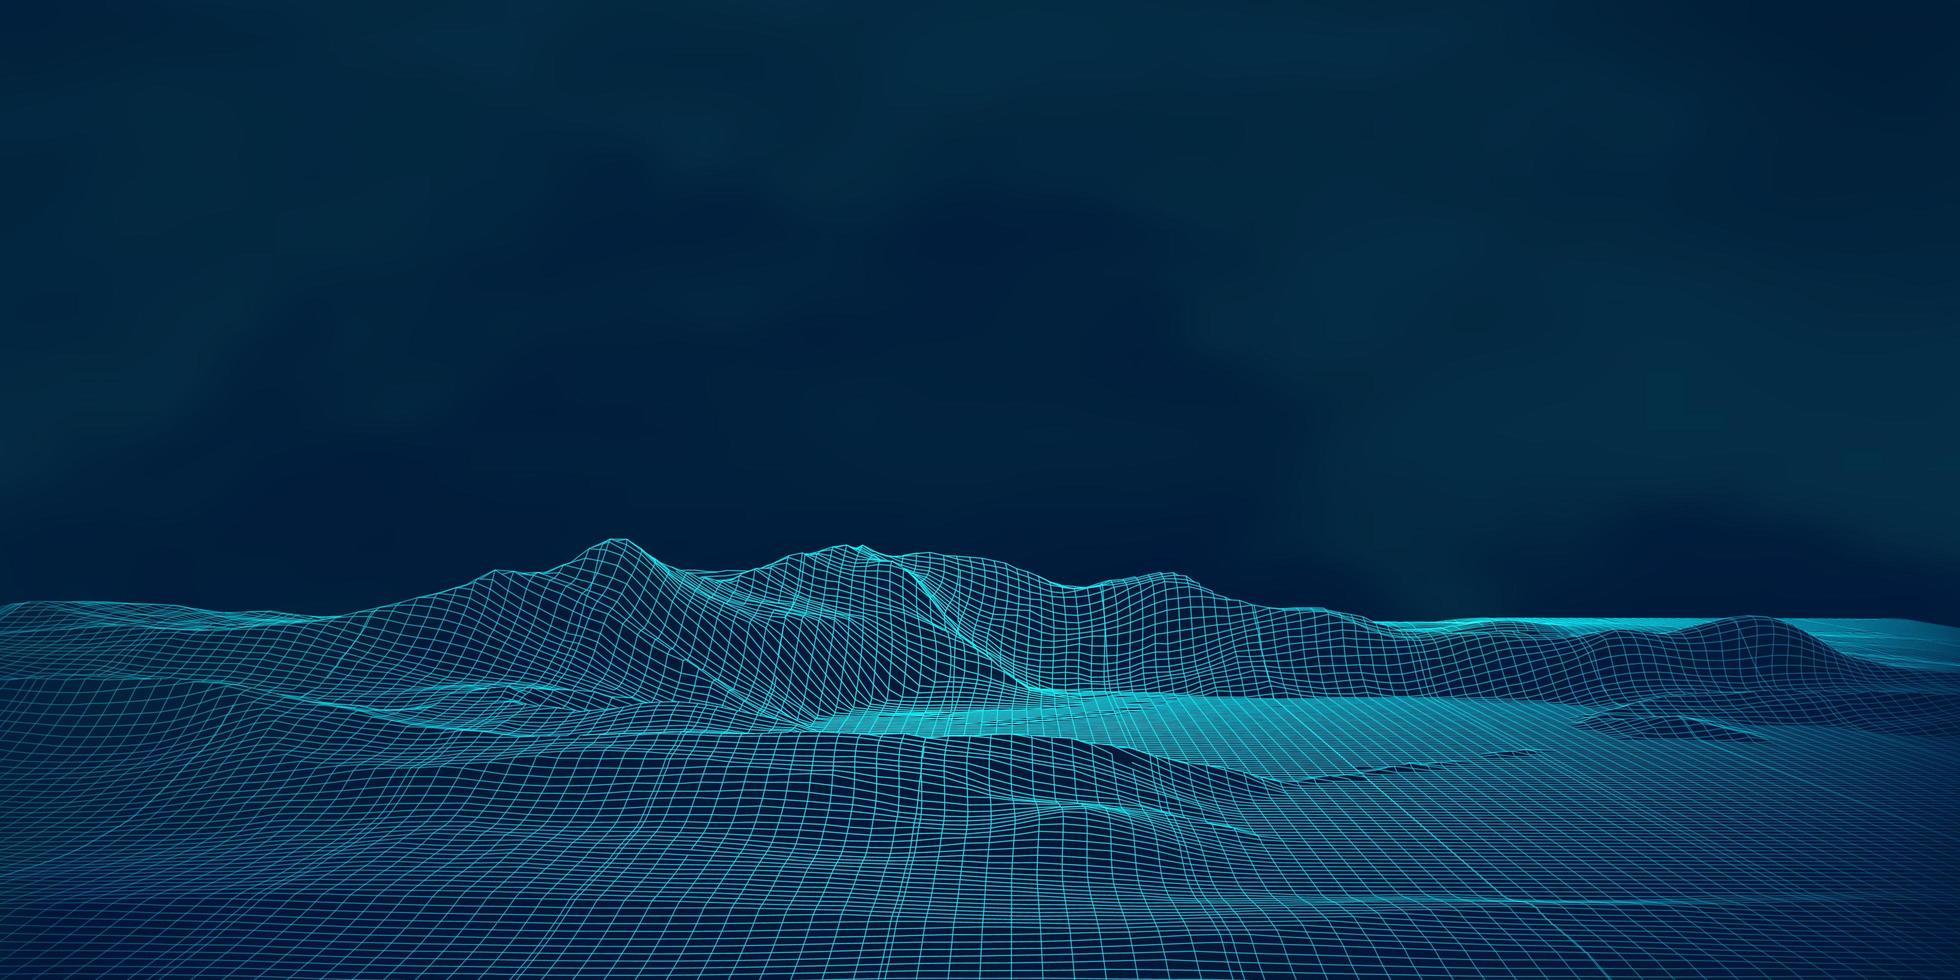 digitale techno draadframe landschap vector